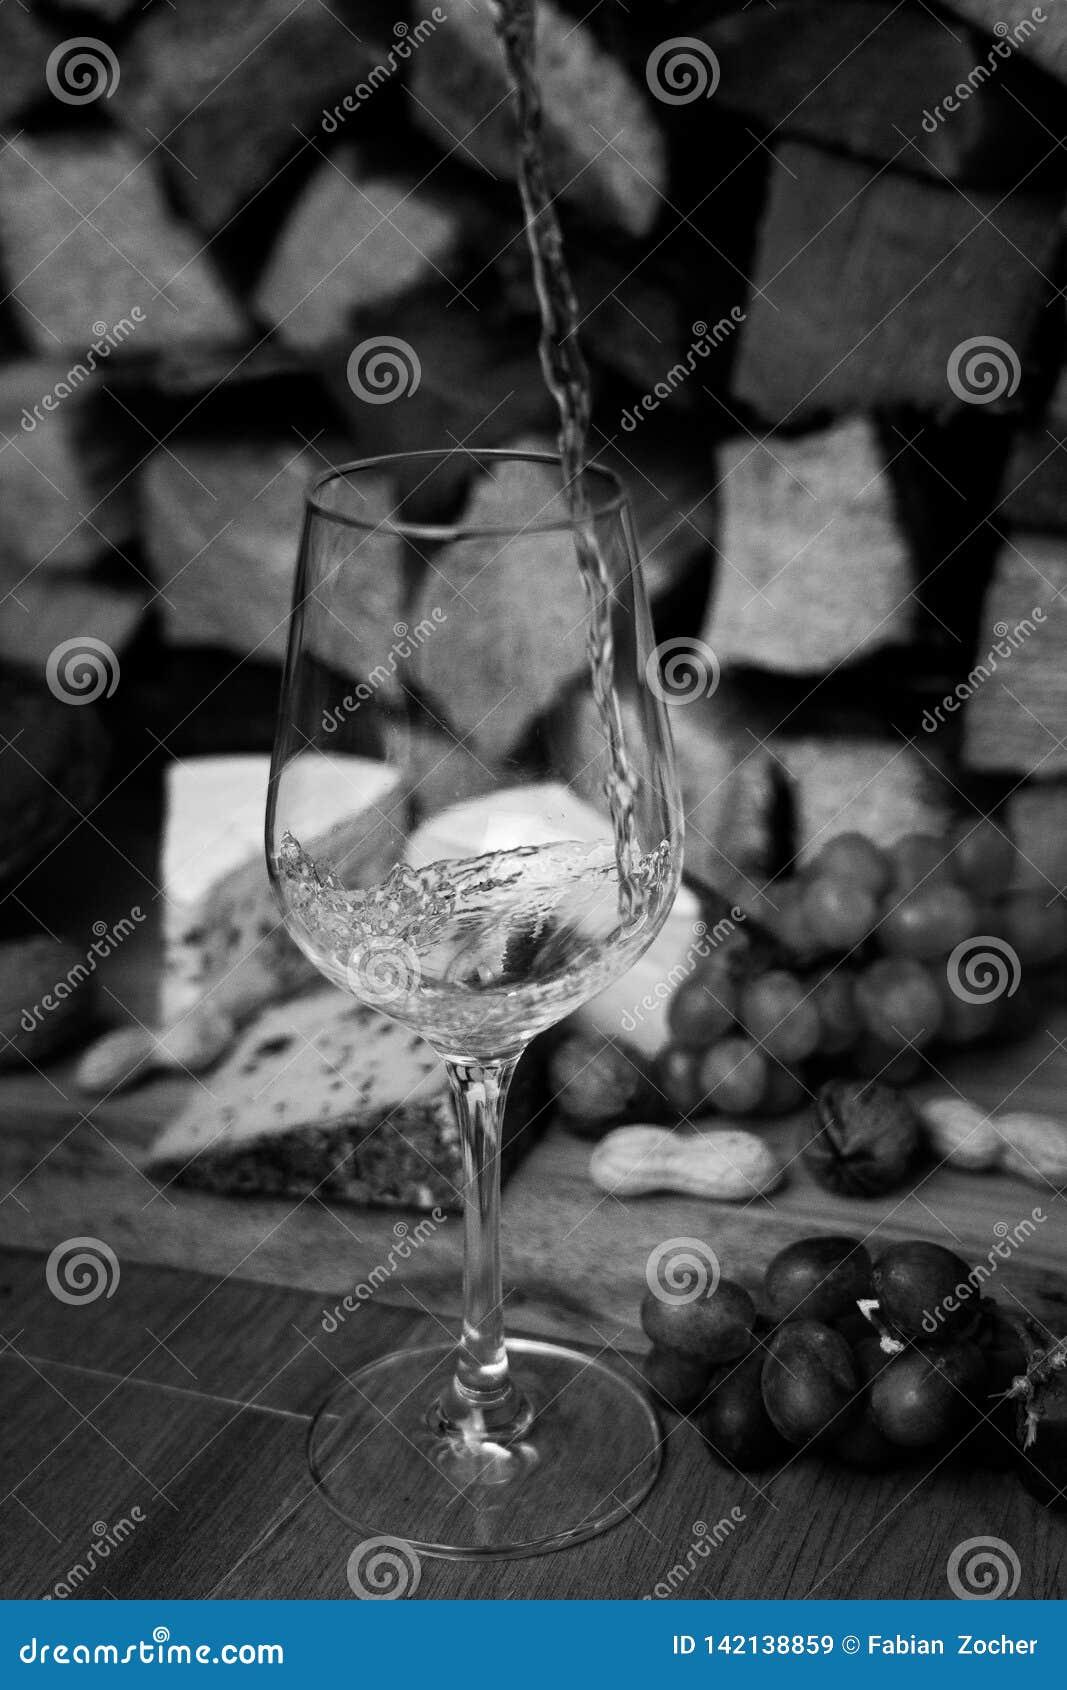 Wein, Käse und Trauben - ein geschmackvolles Abendessen